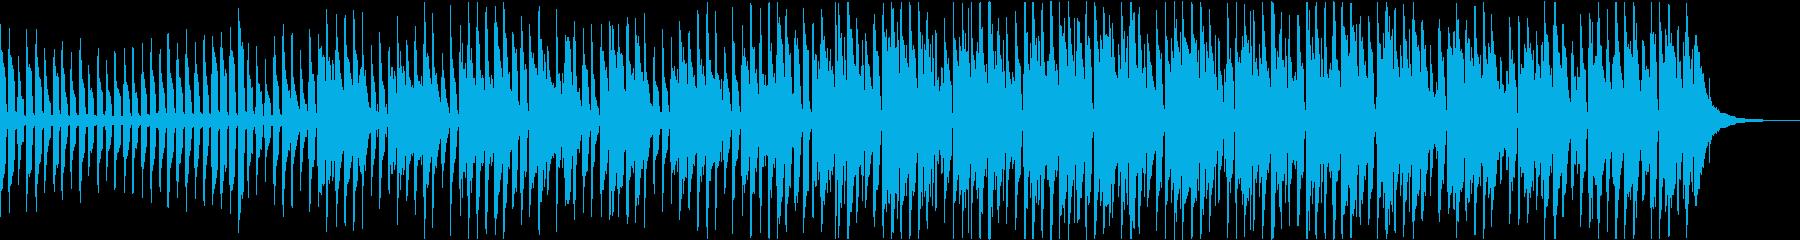 ウクレレ&マリンバ ほのぼの軽快な曲の再生済みの波形